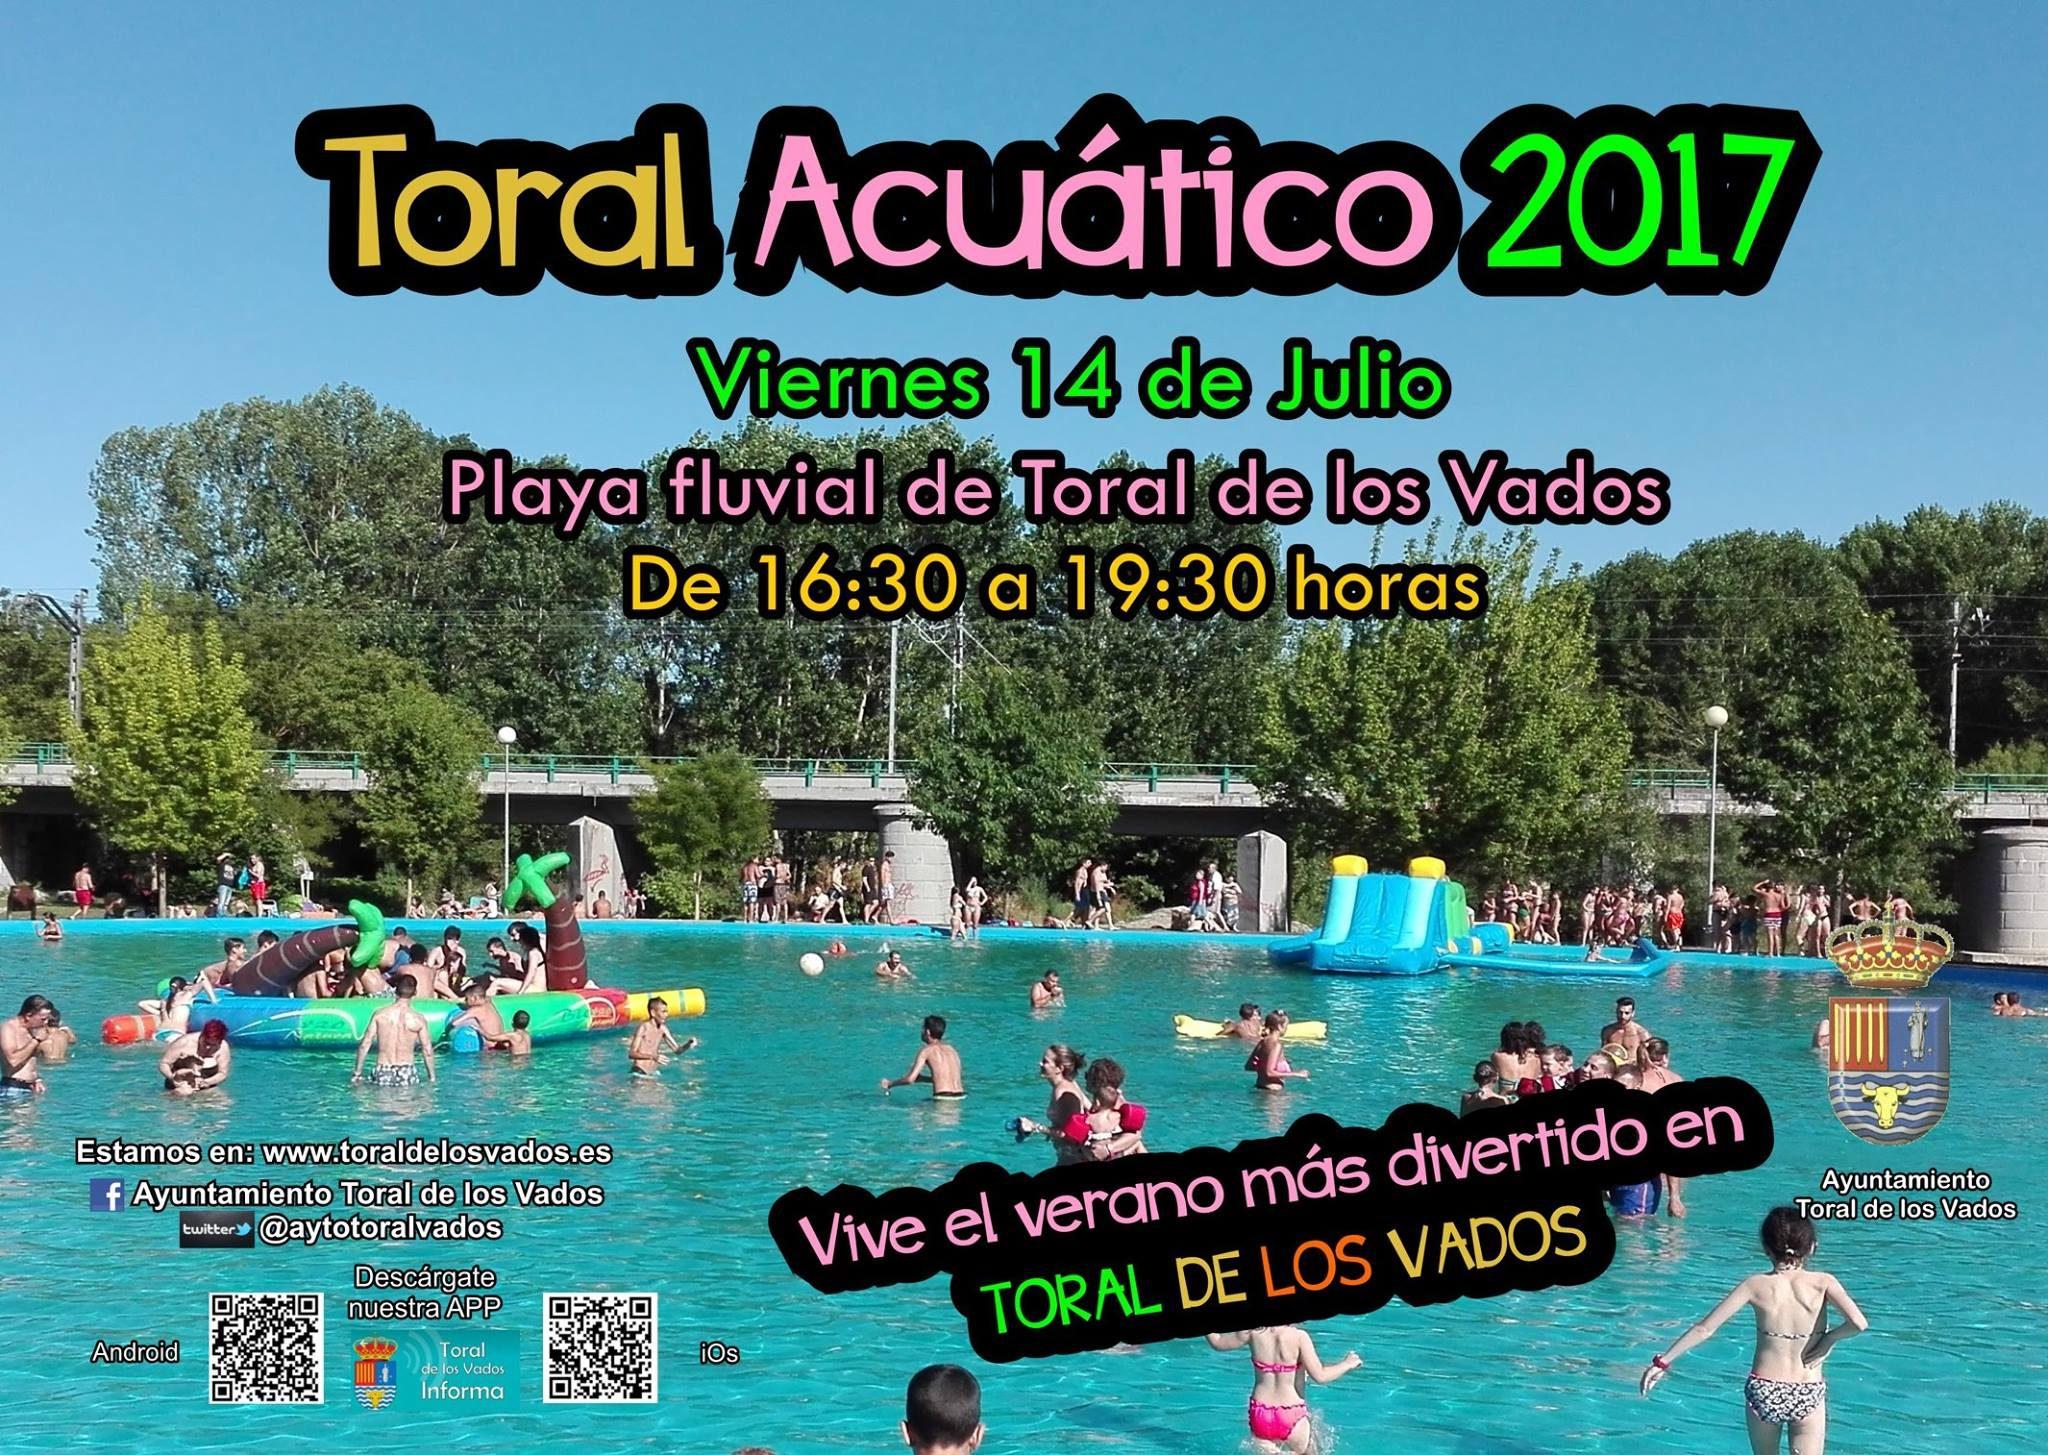 Toral de los Vados organiza el viernes 'Toral Acuático 2017' Diversión para los más pequeños 2